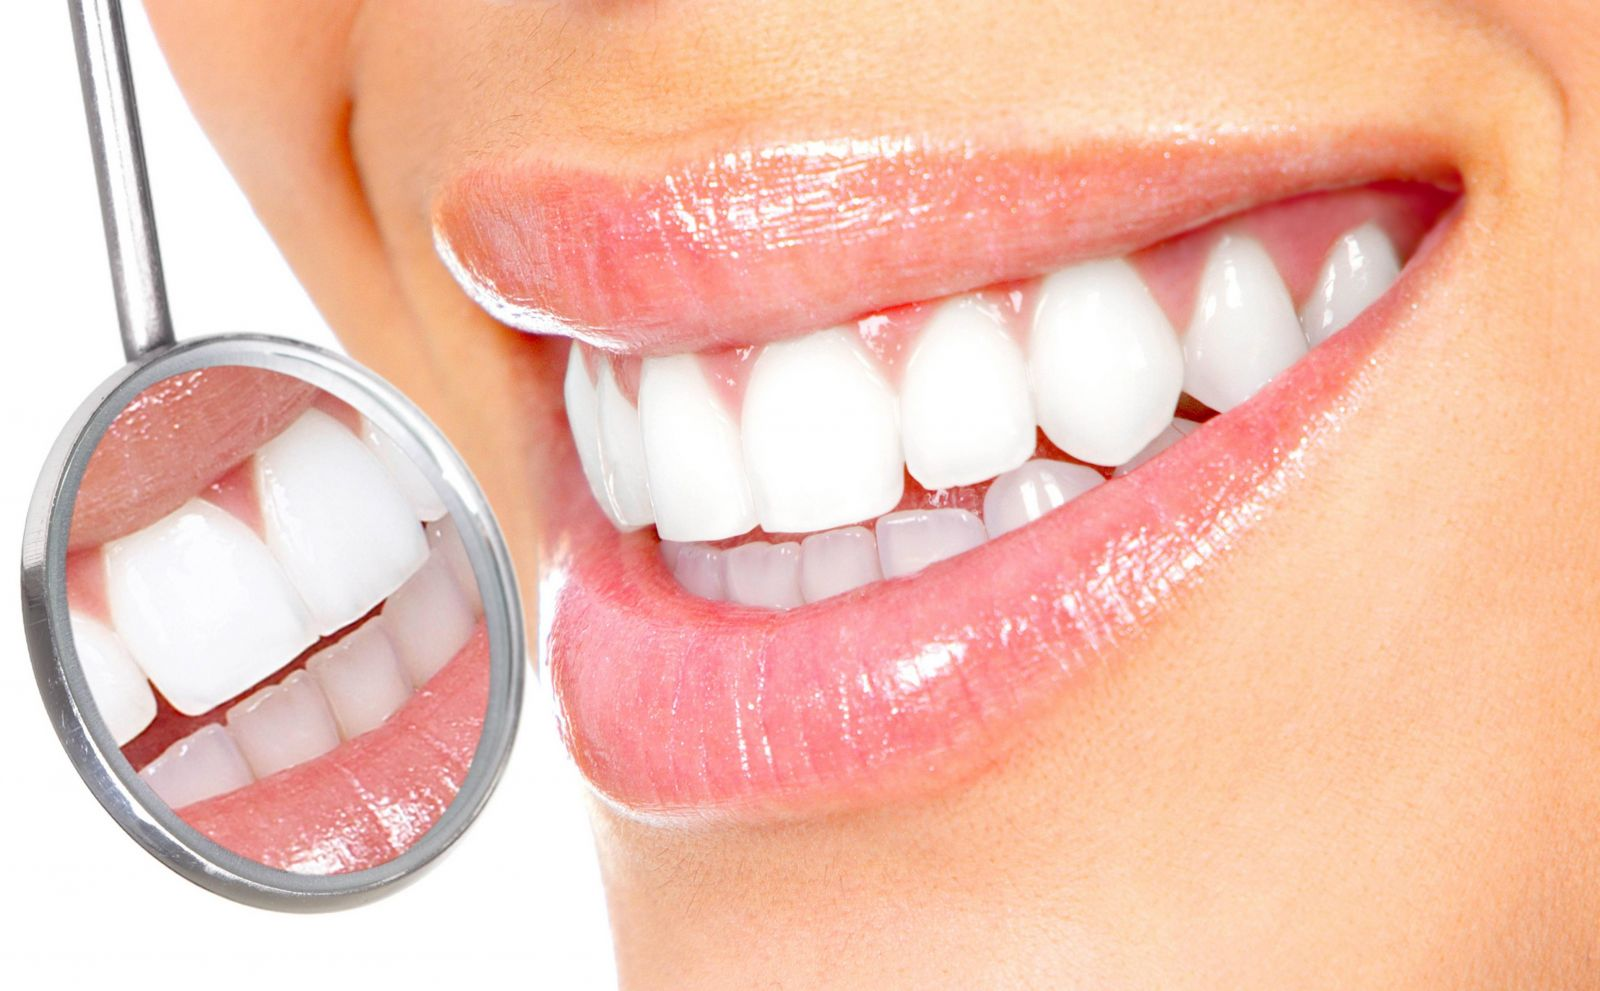 после отбеливания зубов что нельзя кушать